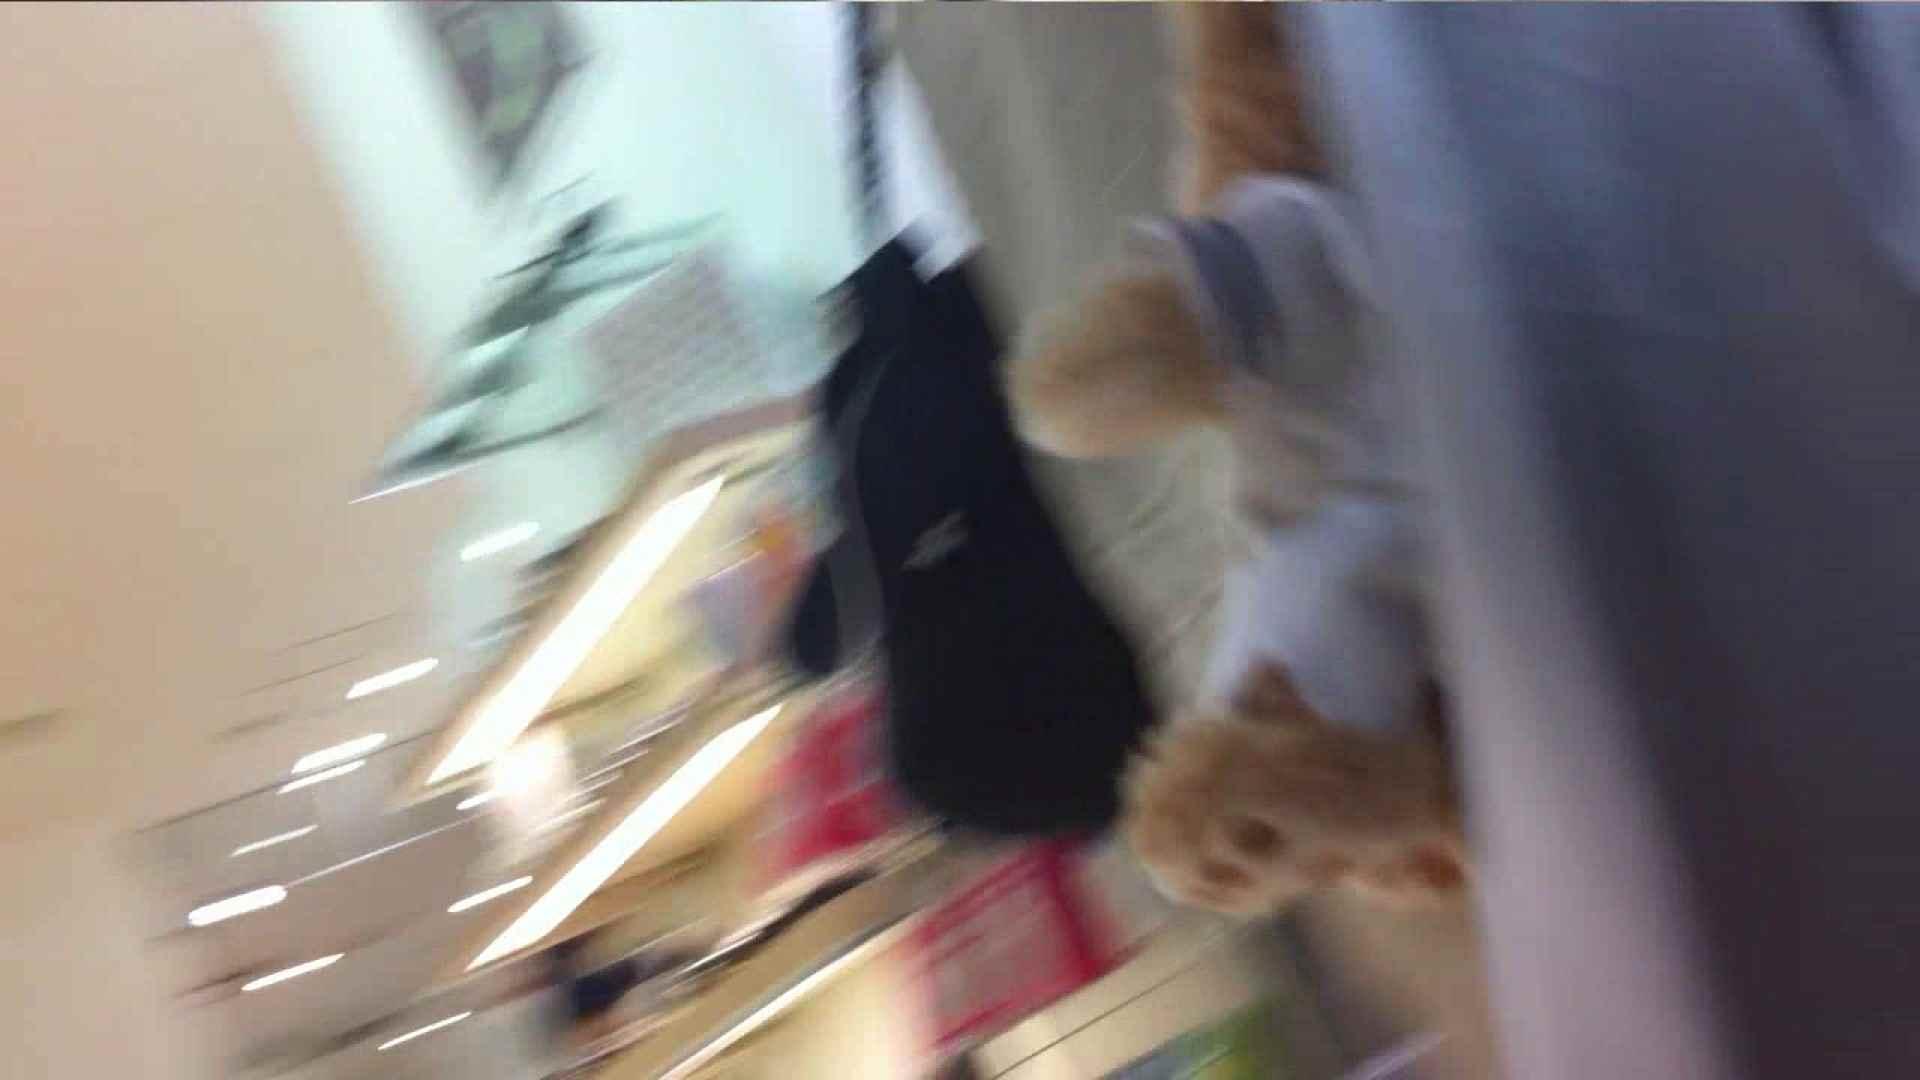 vol.35 美人アパレル胸チラ&パンチラ ひらひらスカートの中身は? 接写 | パンチラハメ撮り  62pic 12